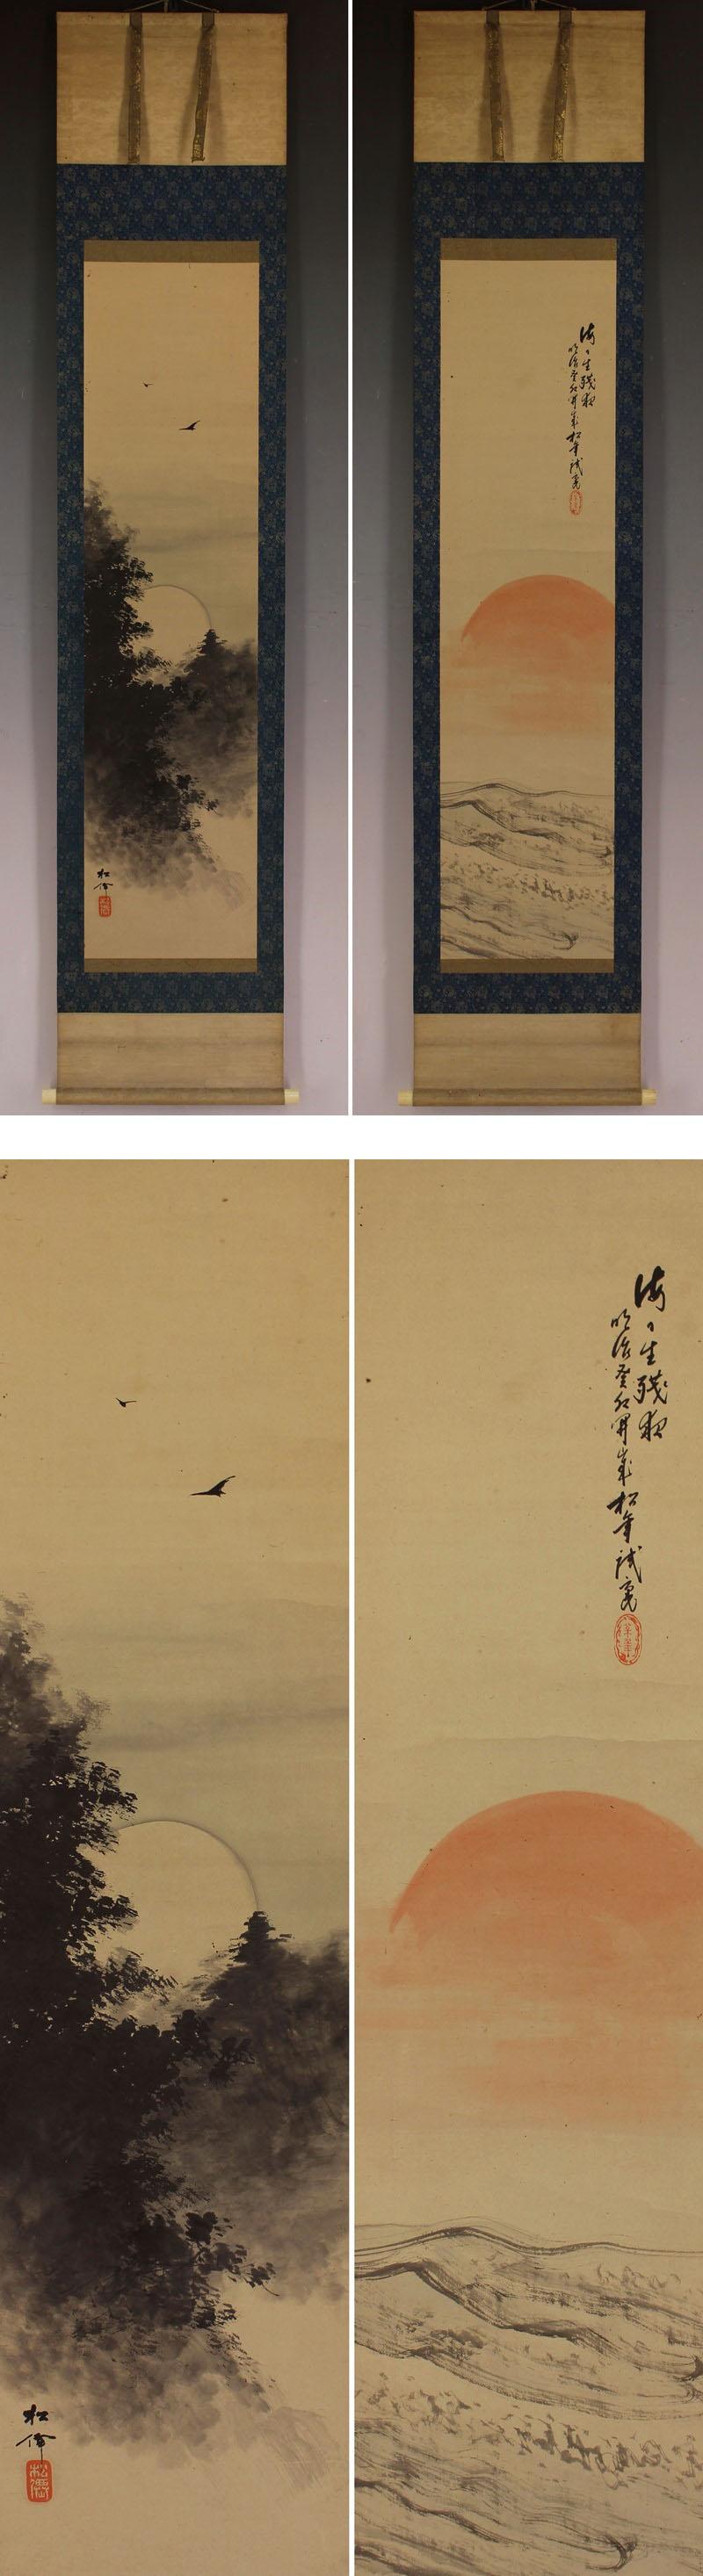 鈴木松年の画像 p1_10